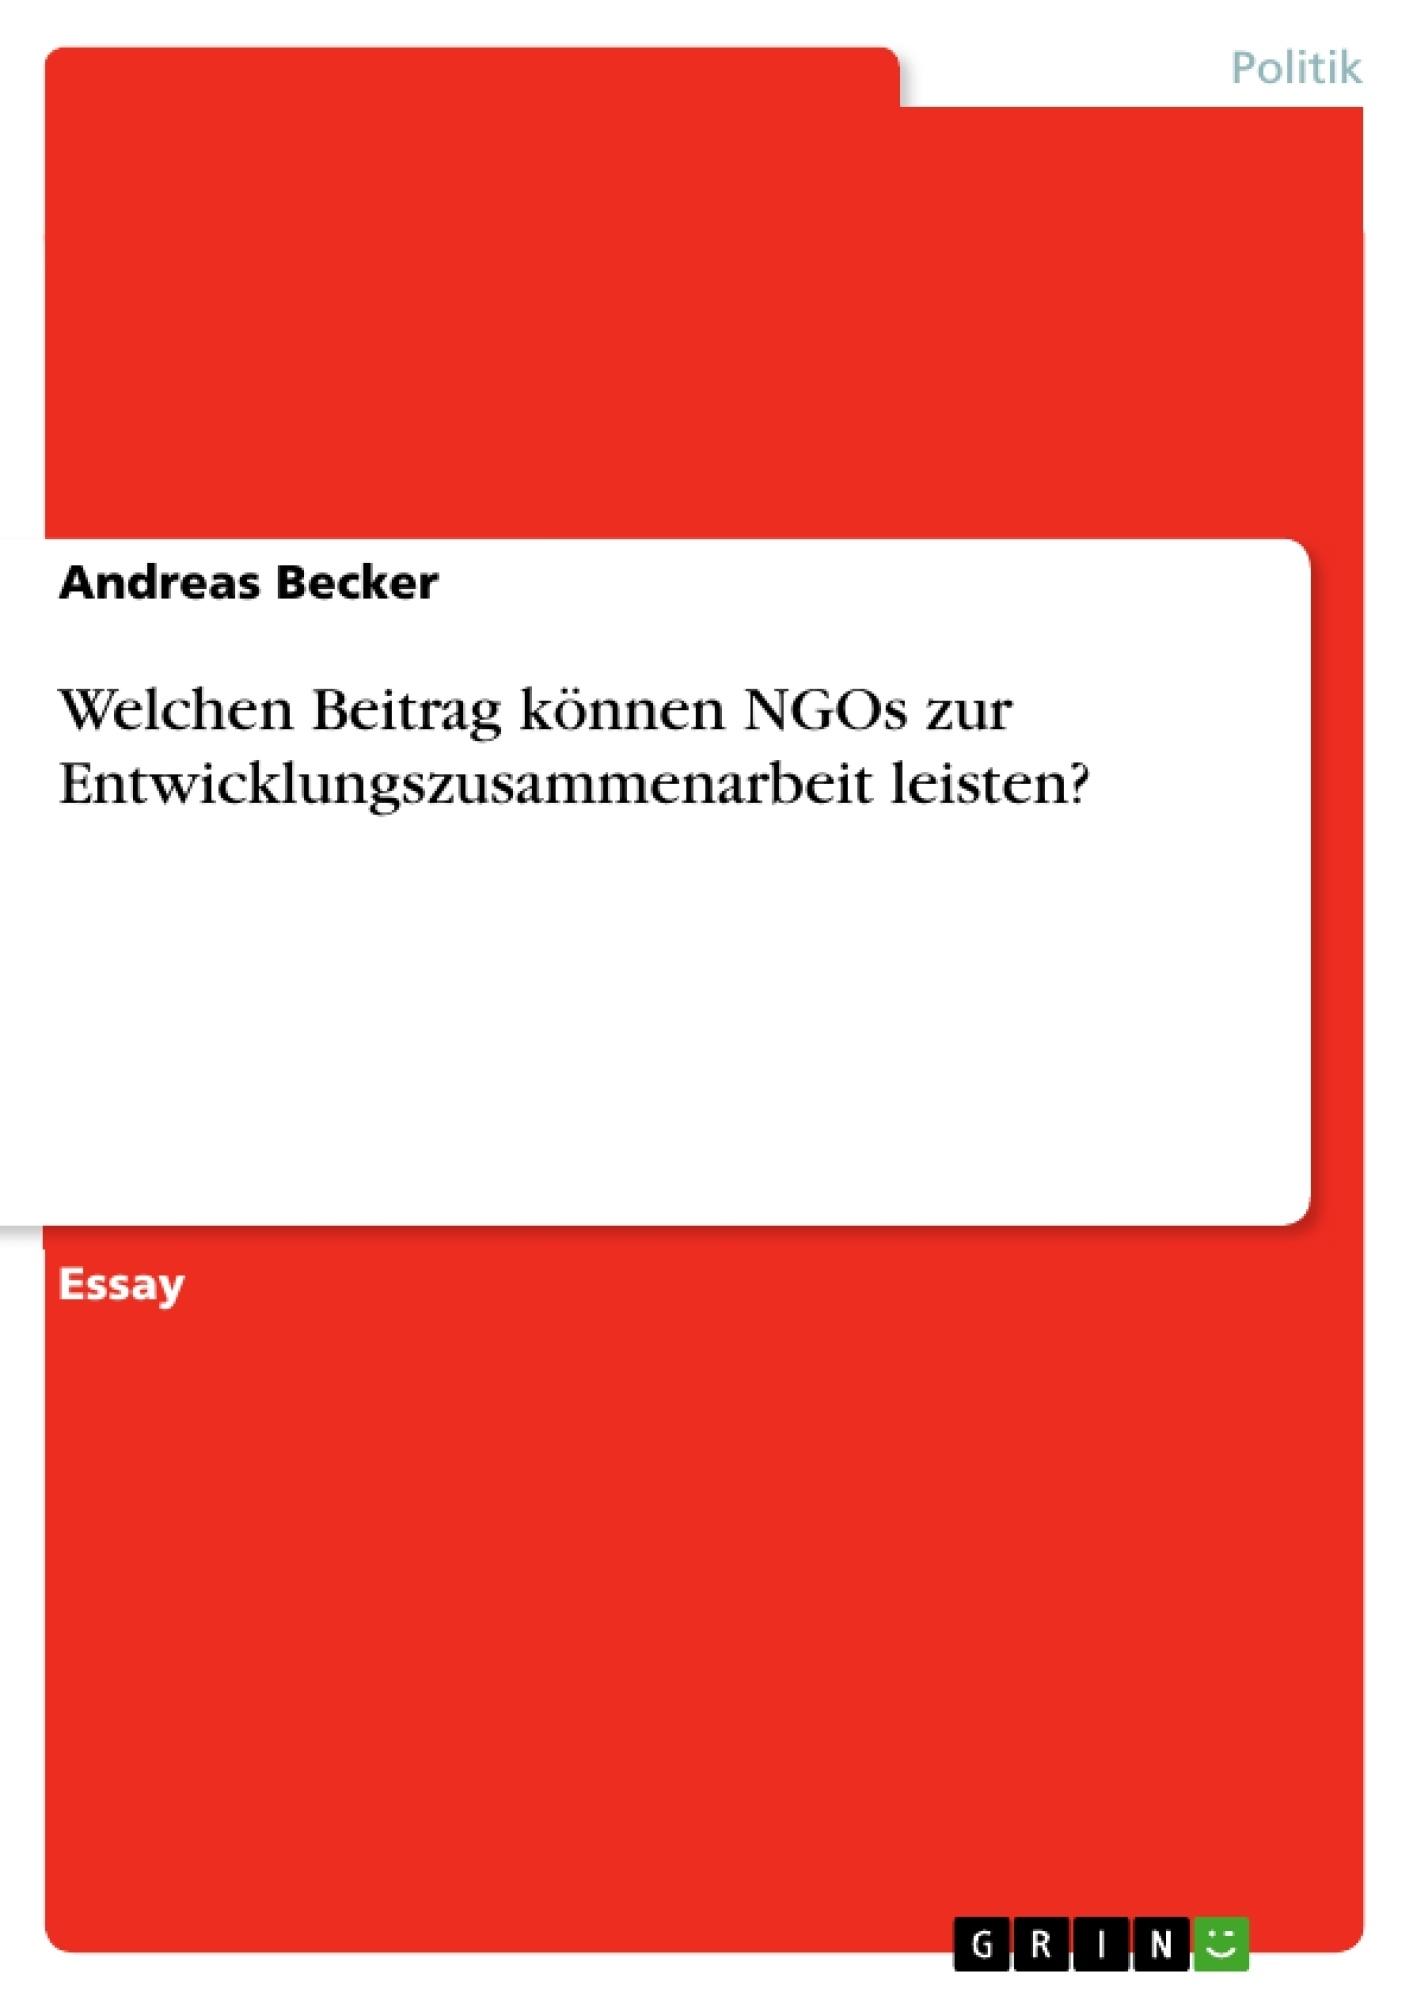 Titel: Welchen Beitrag können NGOs zur Entwicklungszusammenarbeit leisten?